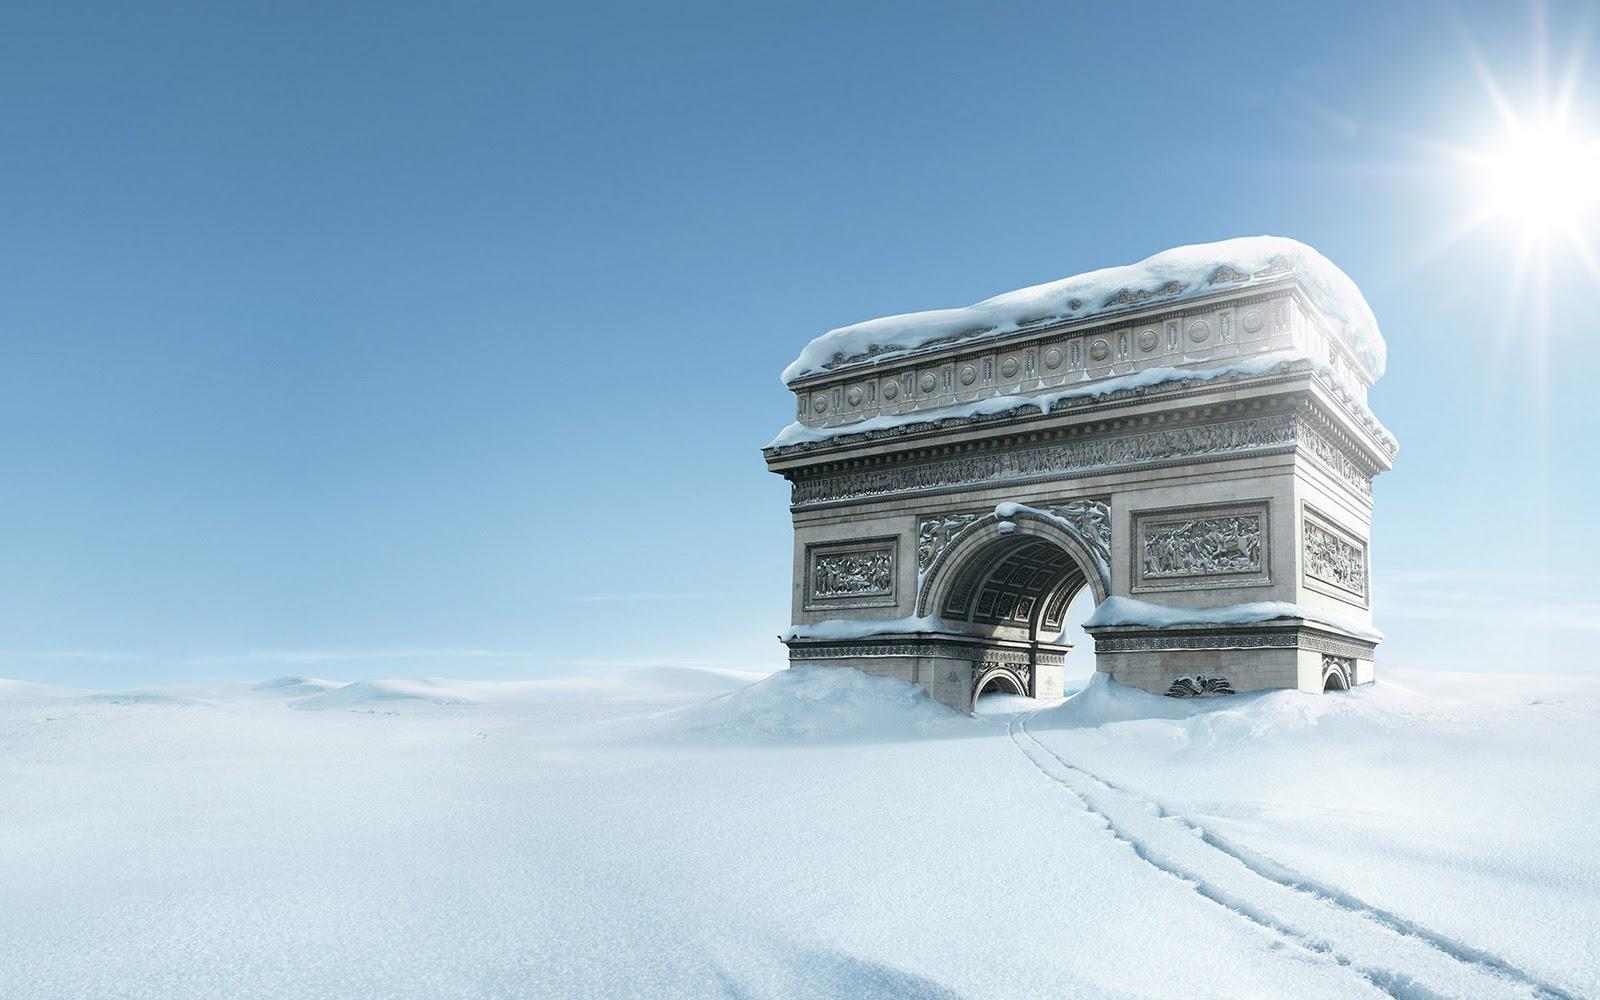 Paris in winter wallpaper wallpapersafari for Fond ecran paris